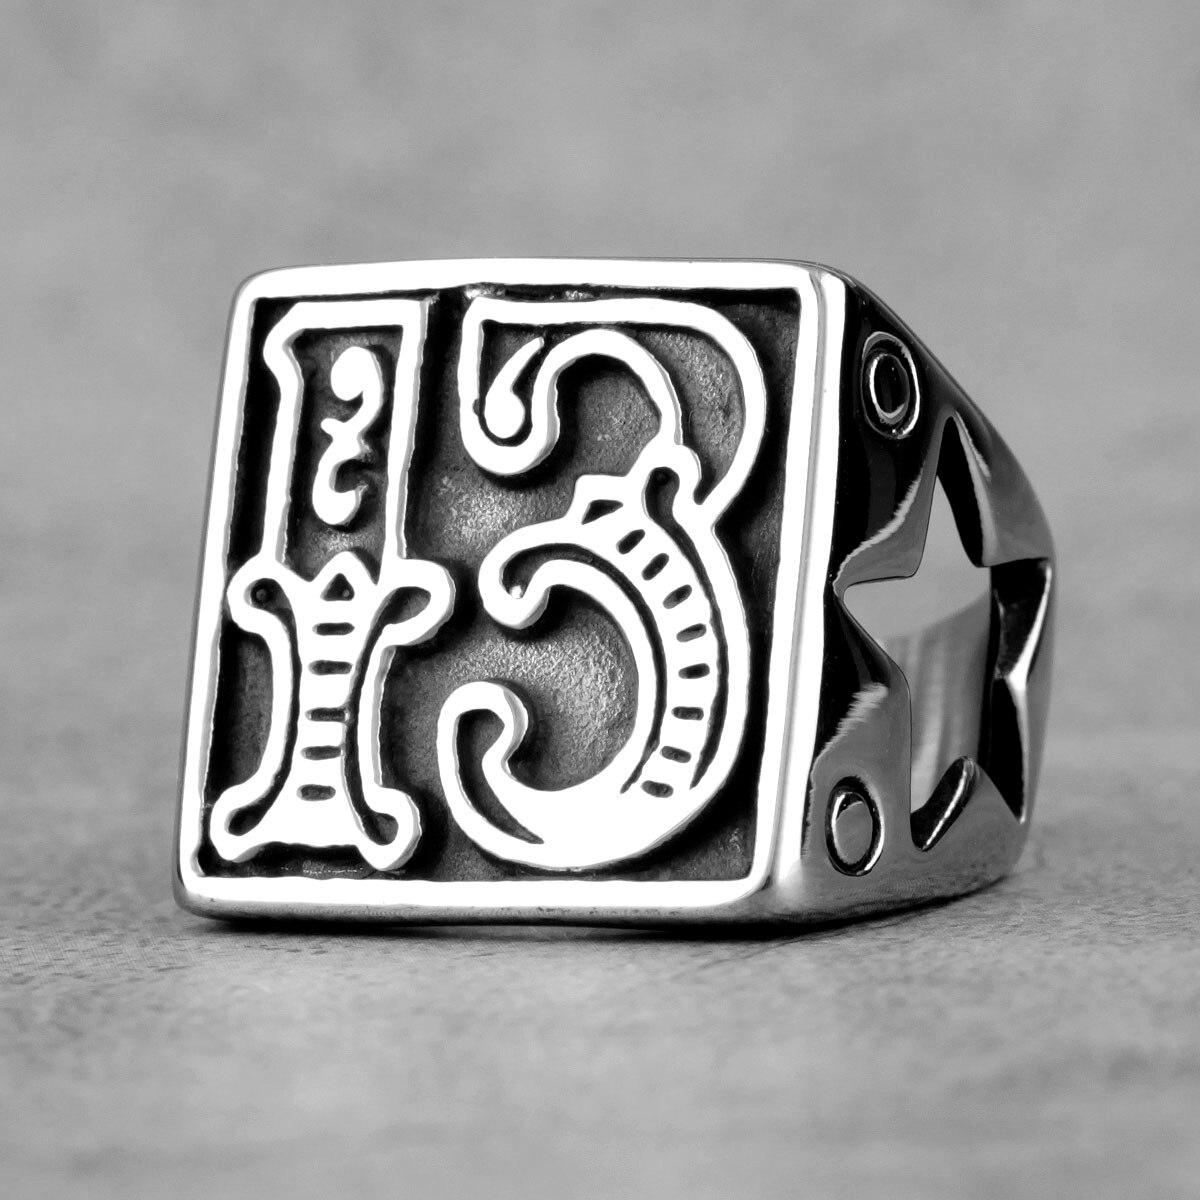 Lucky Number 13 Star ретро мужские кольца из нержавеющей стали Панк Хип-хоп для мужчин бойфренд Байкер ювелирные изделия креативный подарок оптовая ...